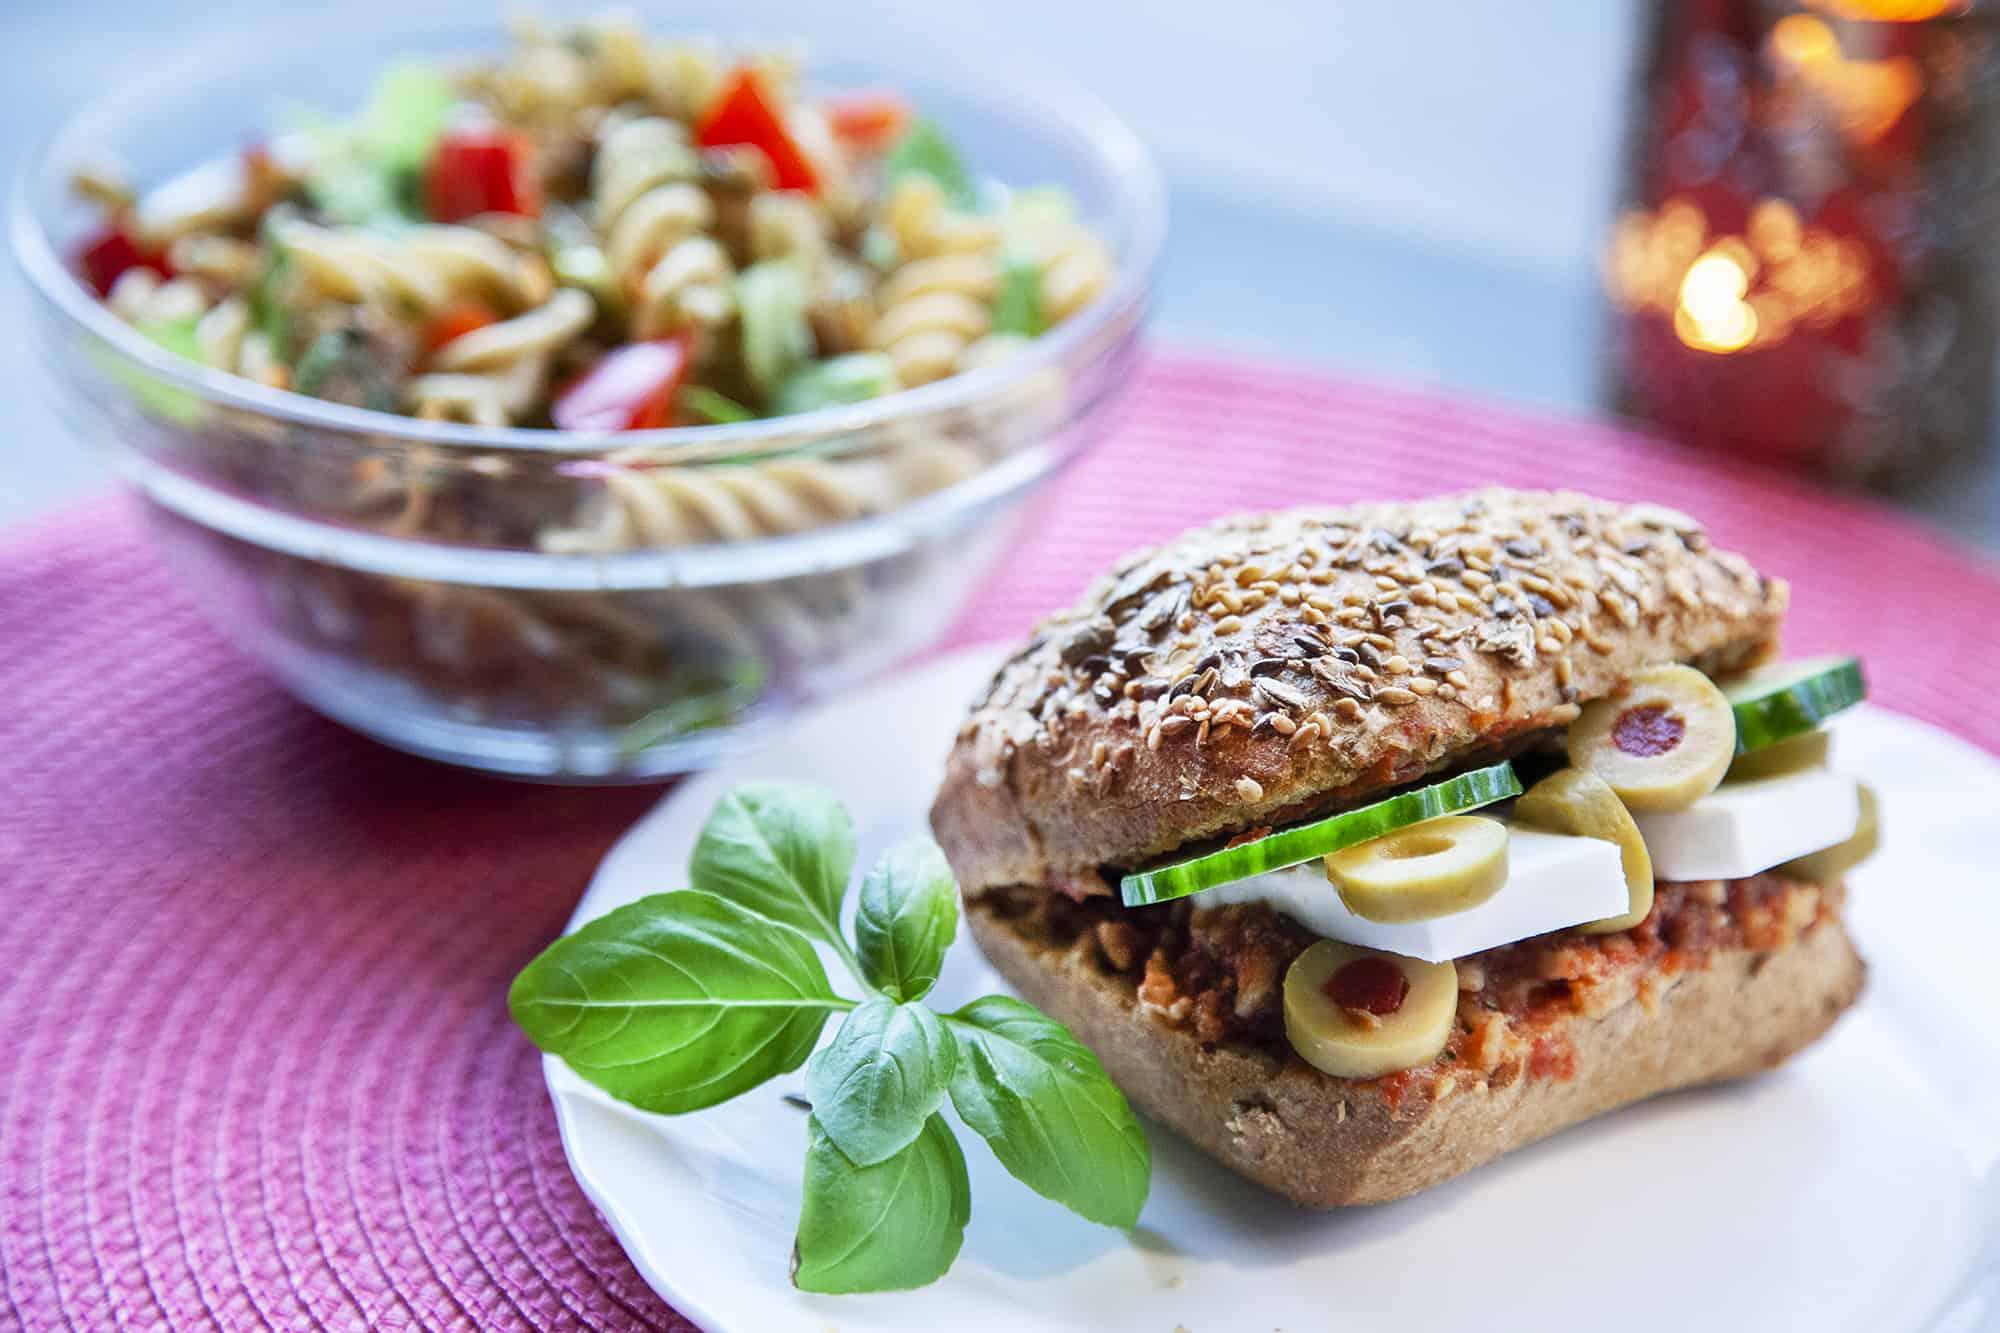 vegan-salata-szendvics-napfenyes-cukraszat